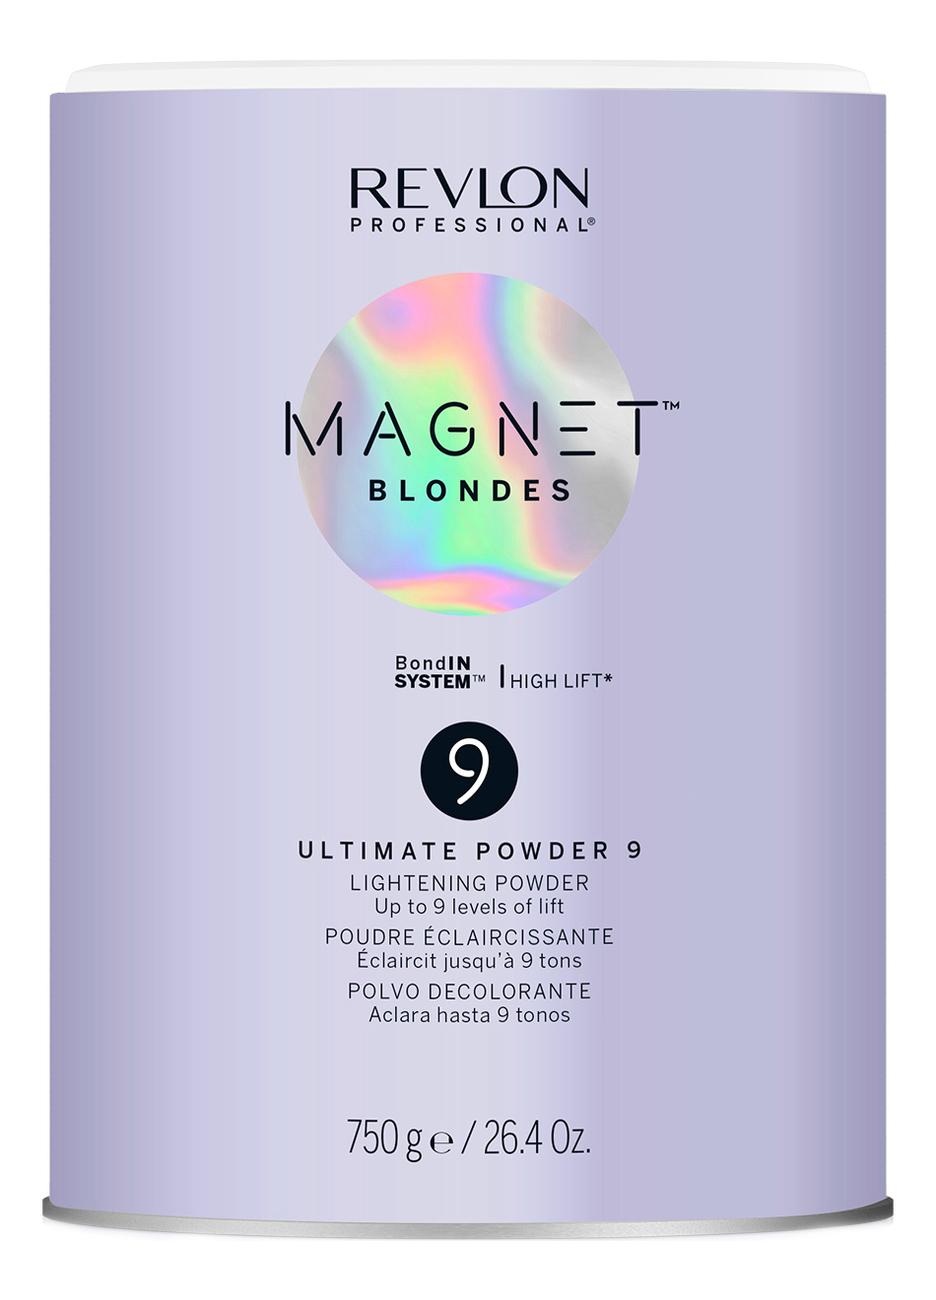 Купить Осветляющая пудра для волос Magnet Blondes 9 Ultimate Powder Lightening Powder 750г, Revlon Professional